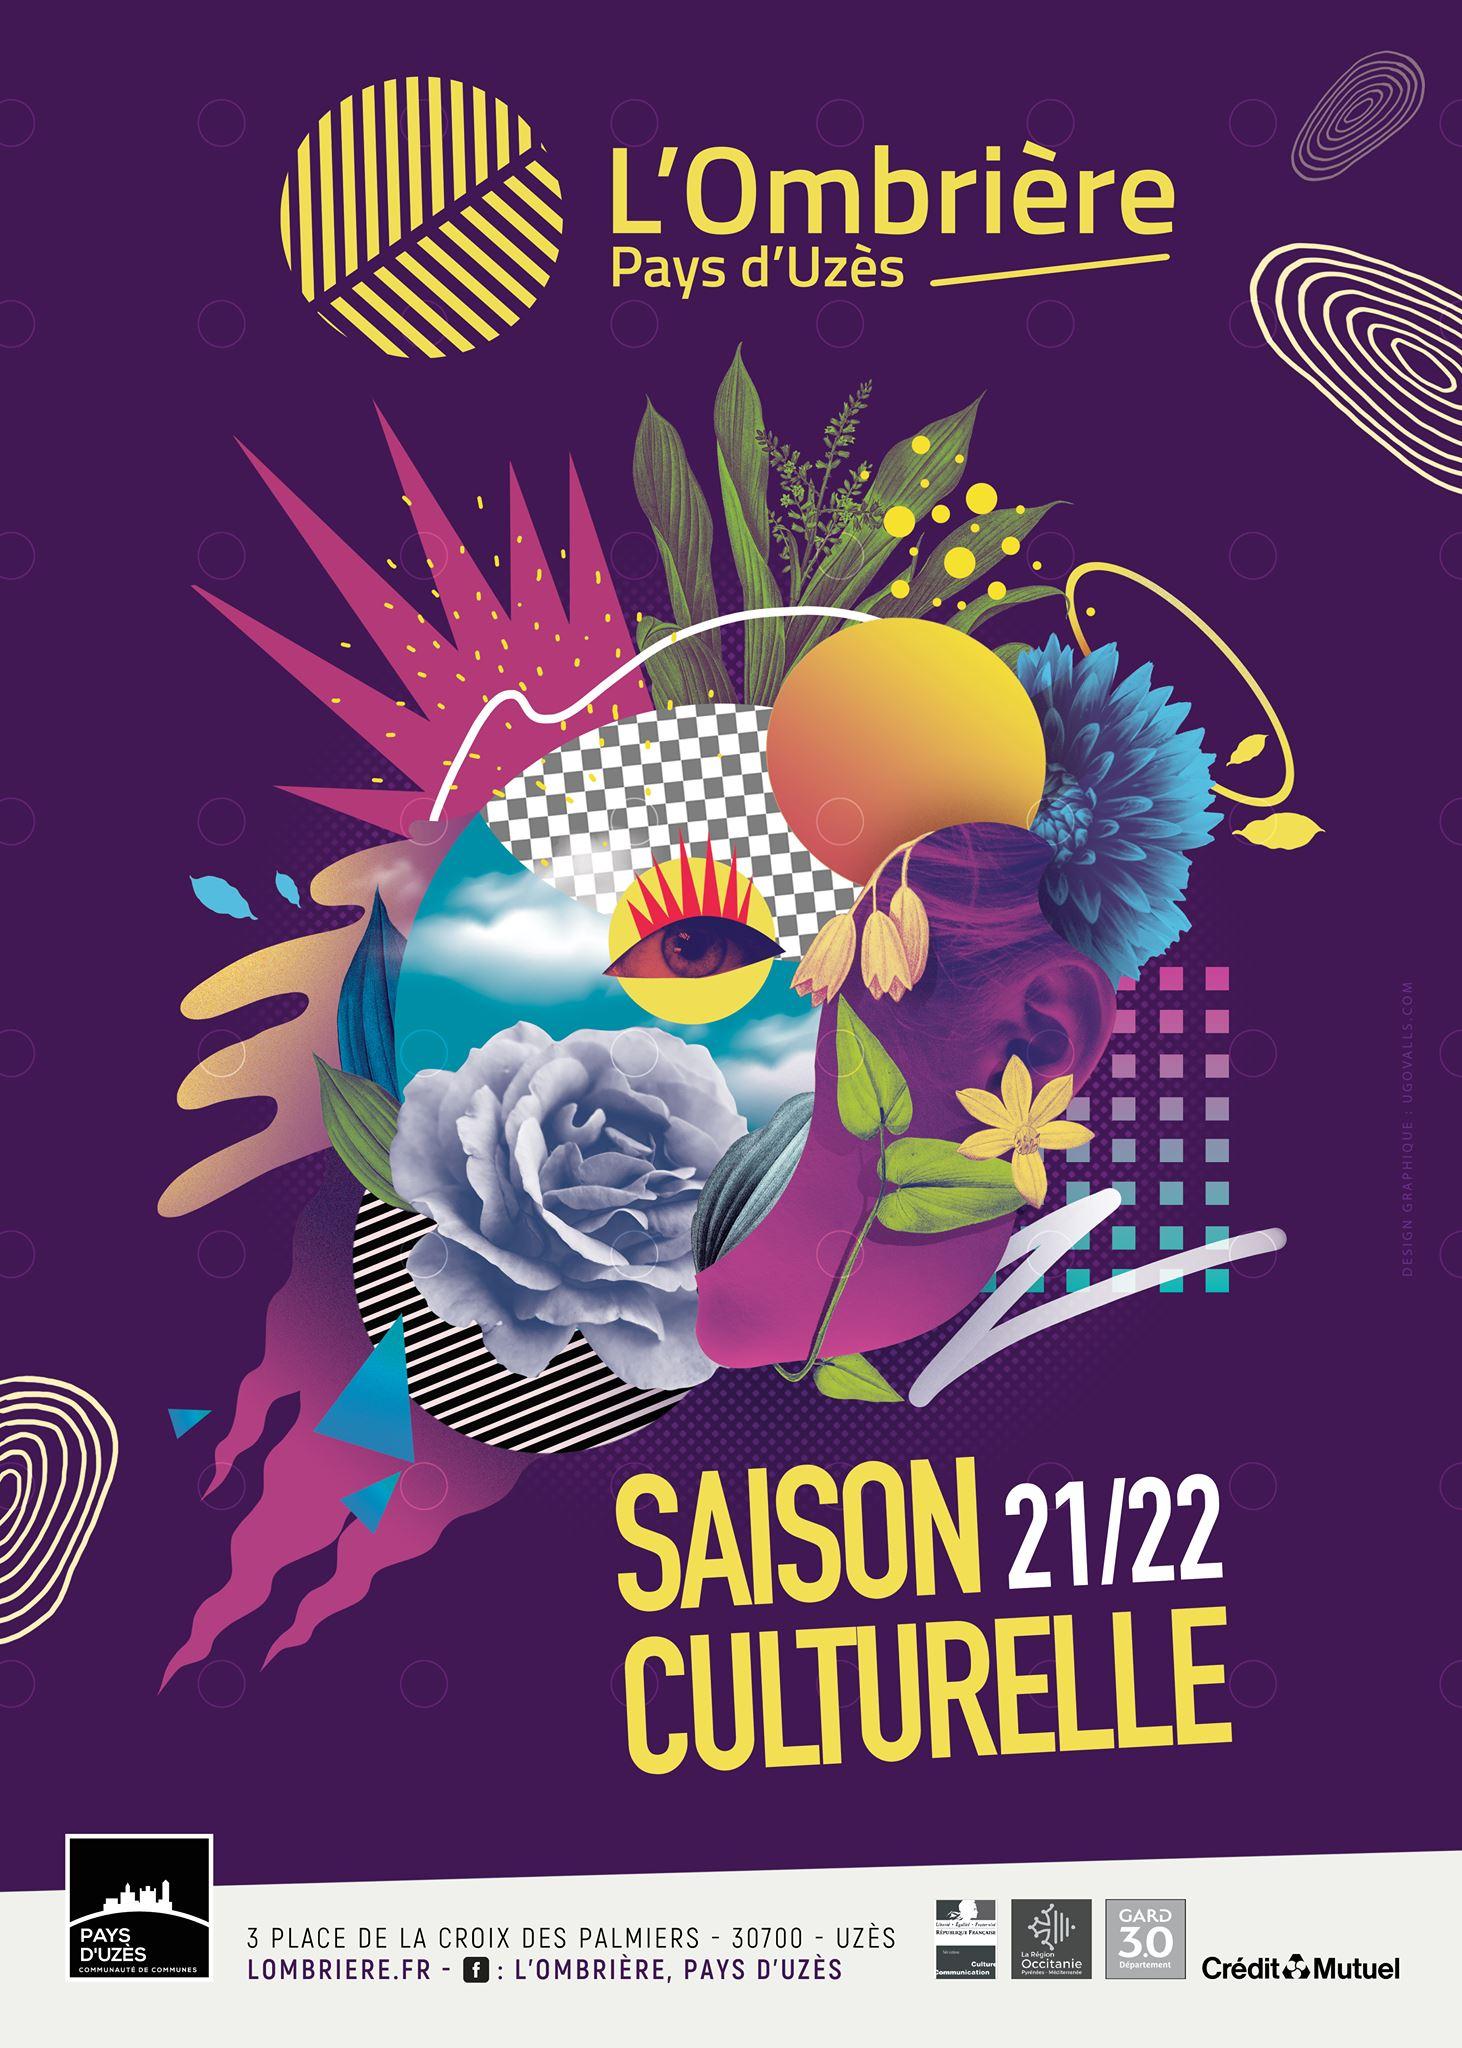 Programme L'Ombrière 2021/2022